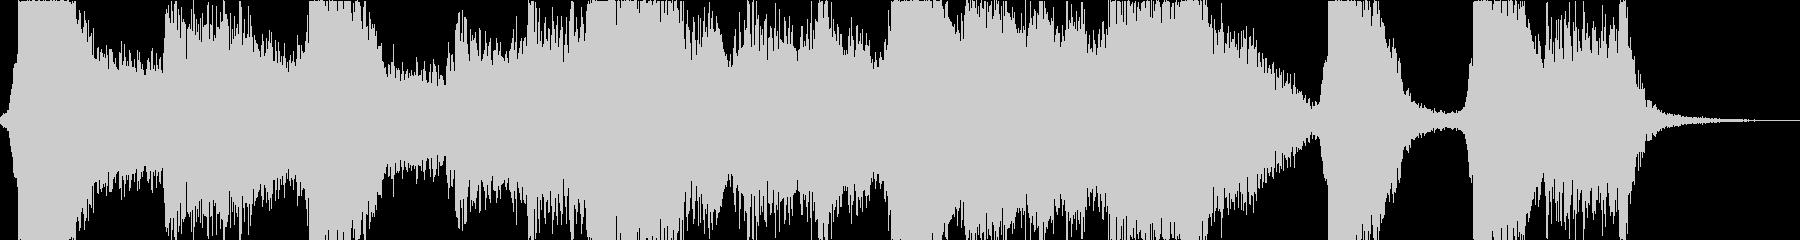 Commercial openerの未再生の波形